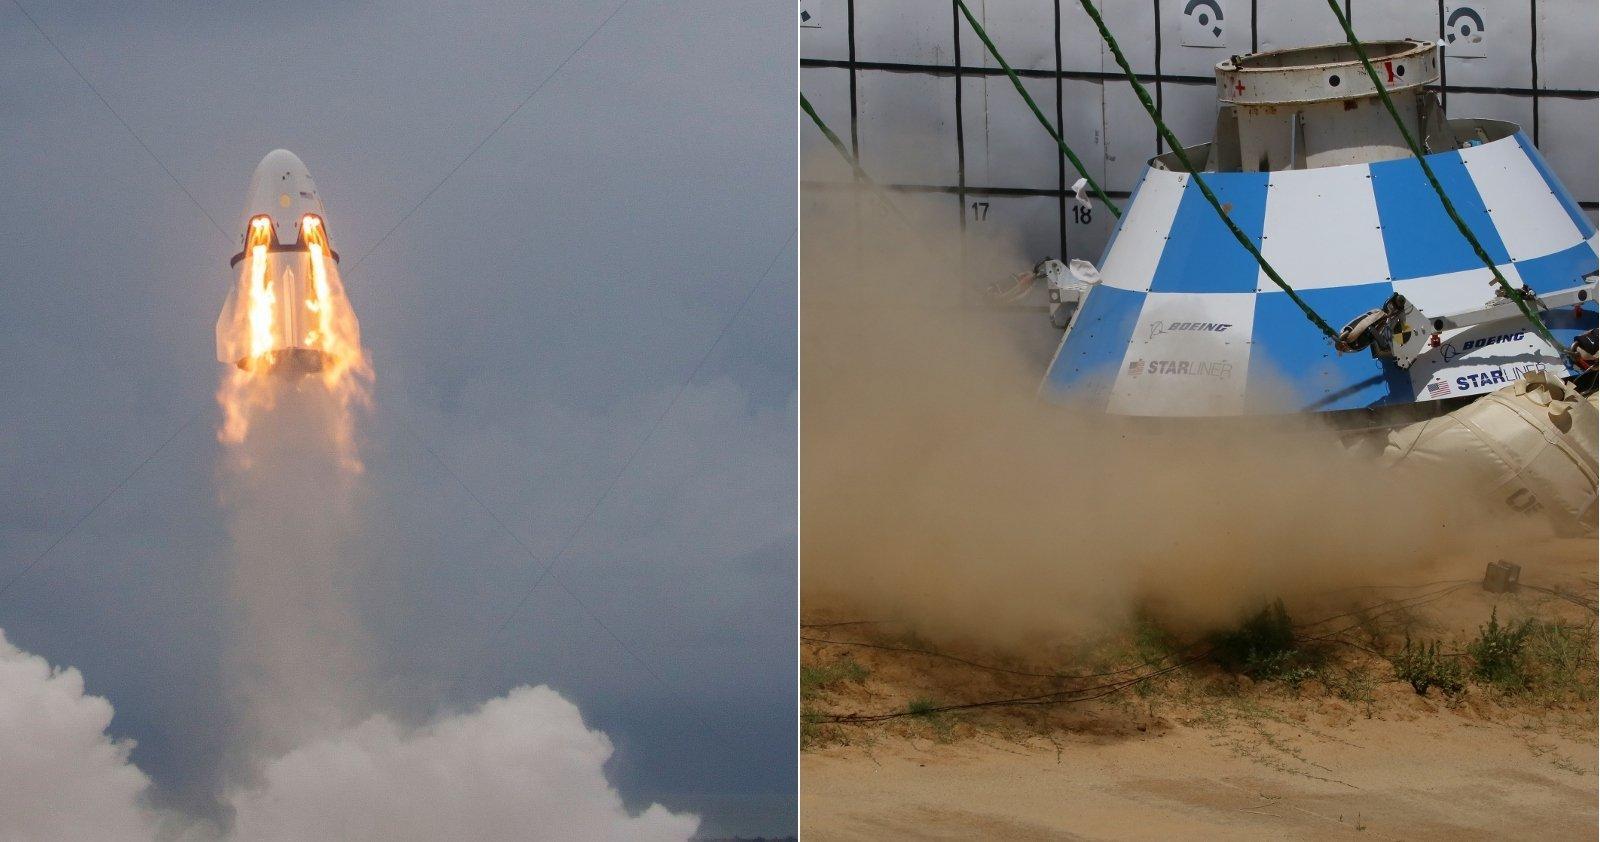 Dragon 2testet ihr Flugabbruchsystem, Test der Airbags beim CST Starliner